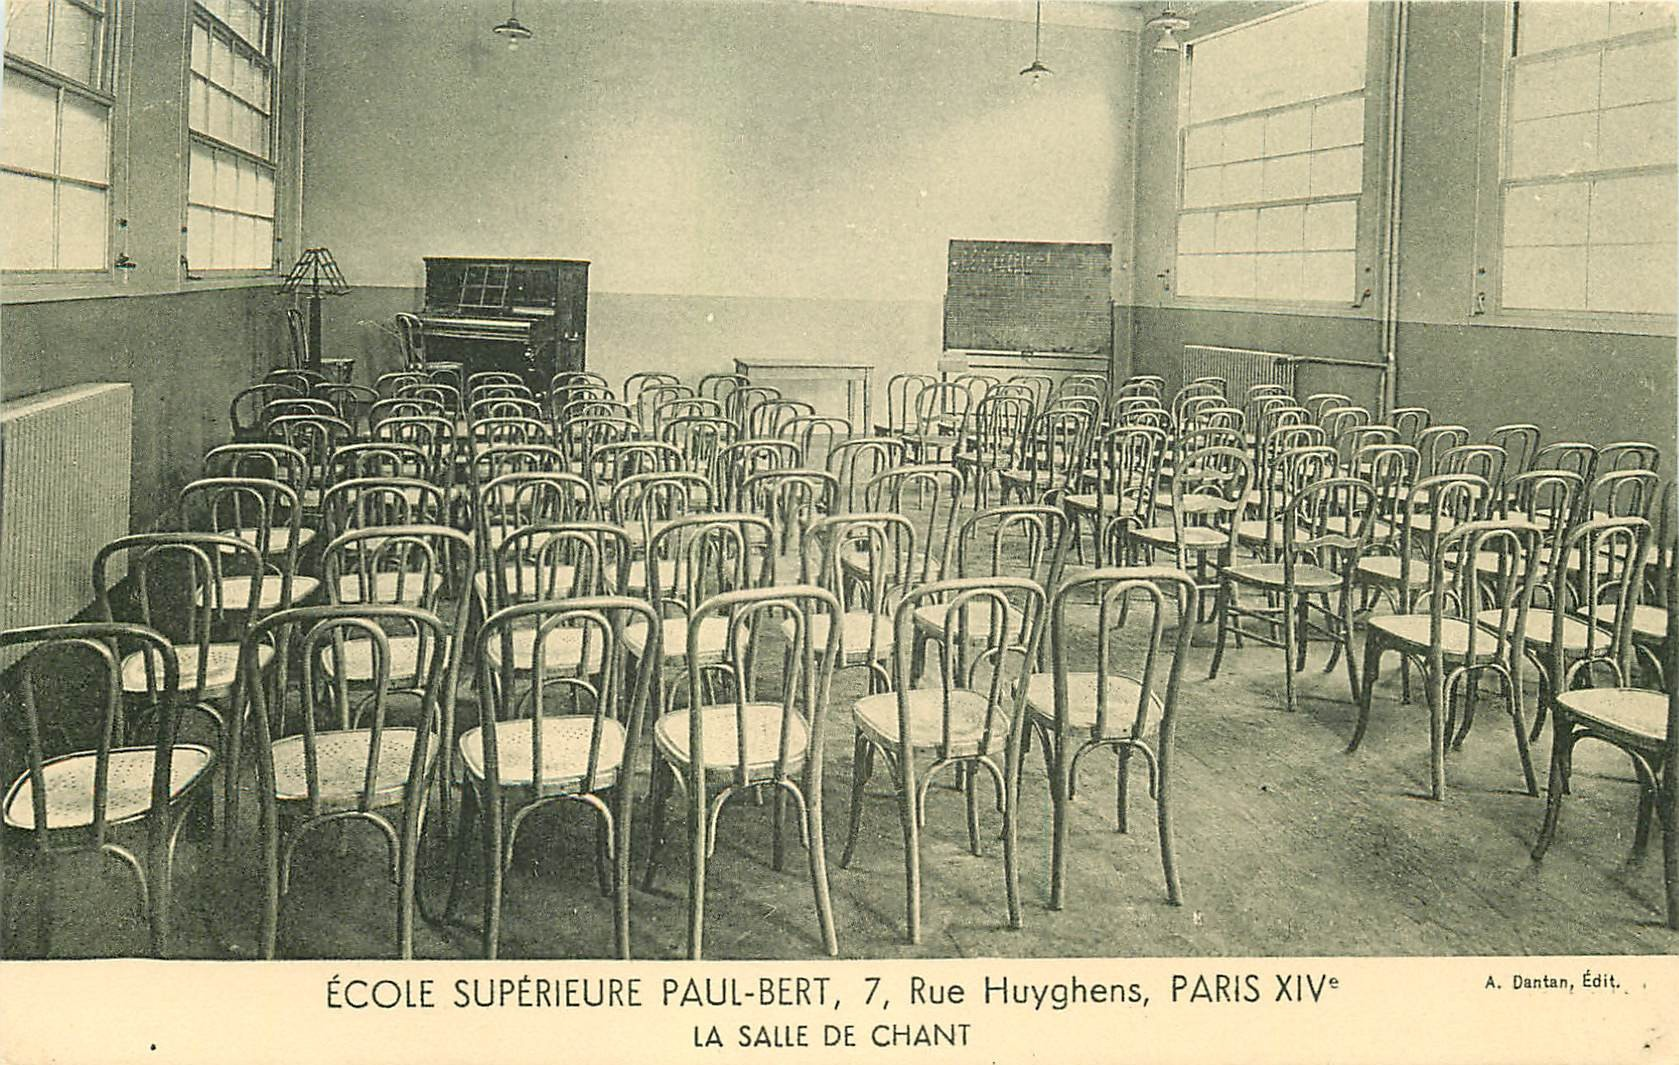 PARIS 14. Ecole Supérieure Paul-Bert 7 rue Huyghens. La Salle de Chant